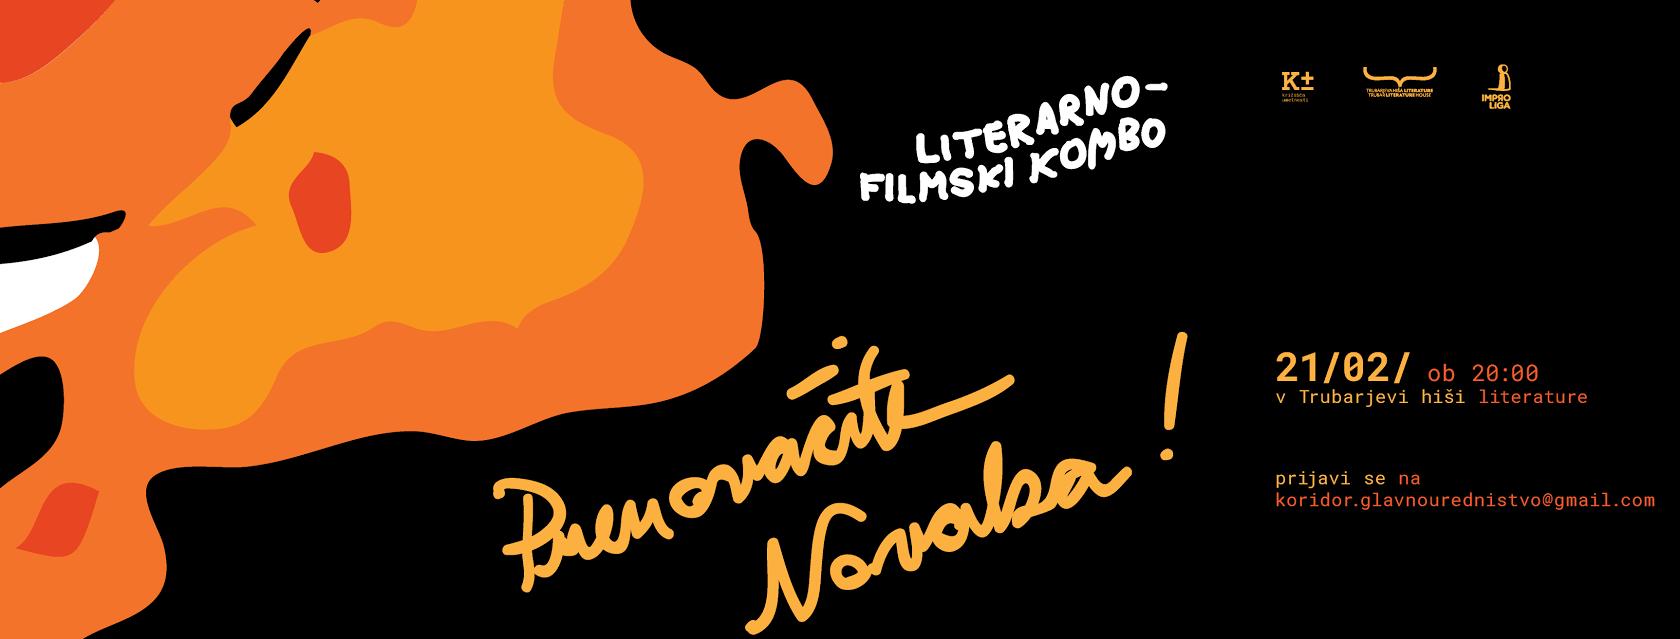 10. literarno-filmski kombo: Prenovačite Novaka